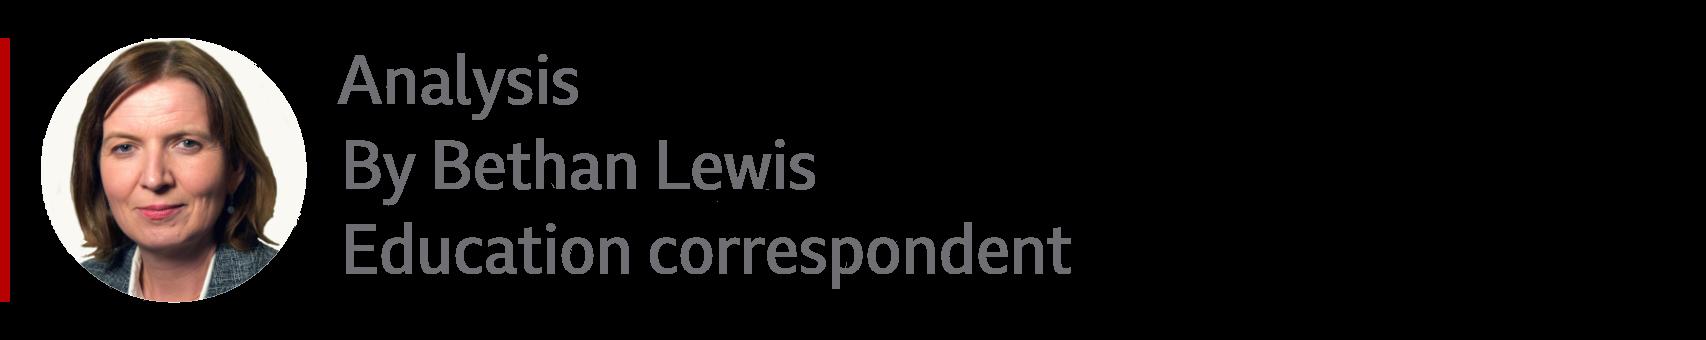 Bethan Lewis banner